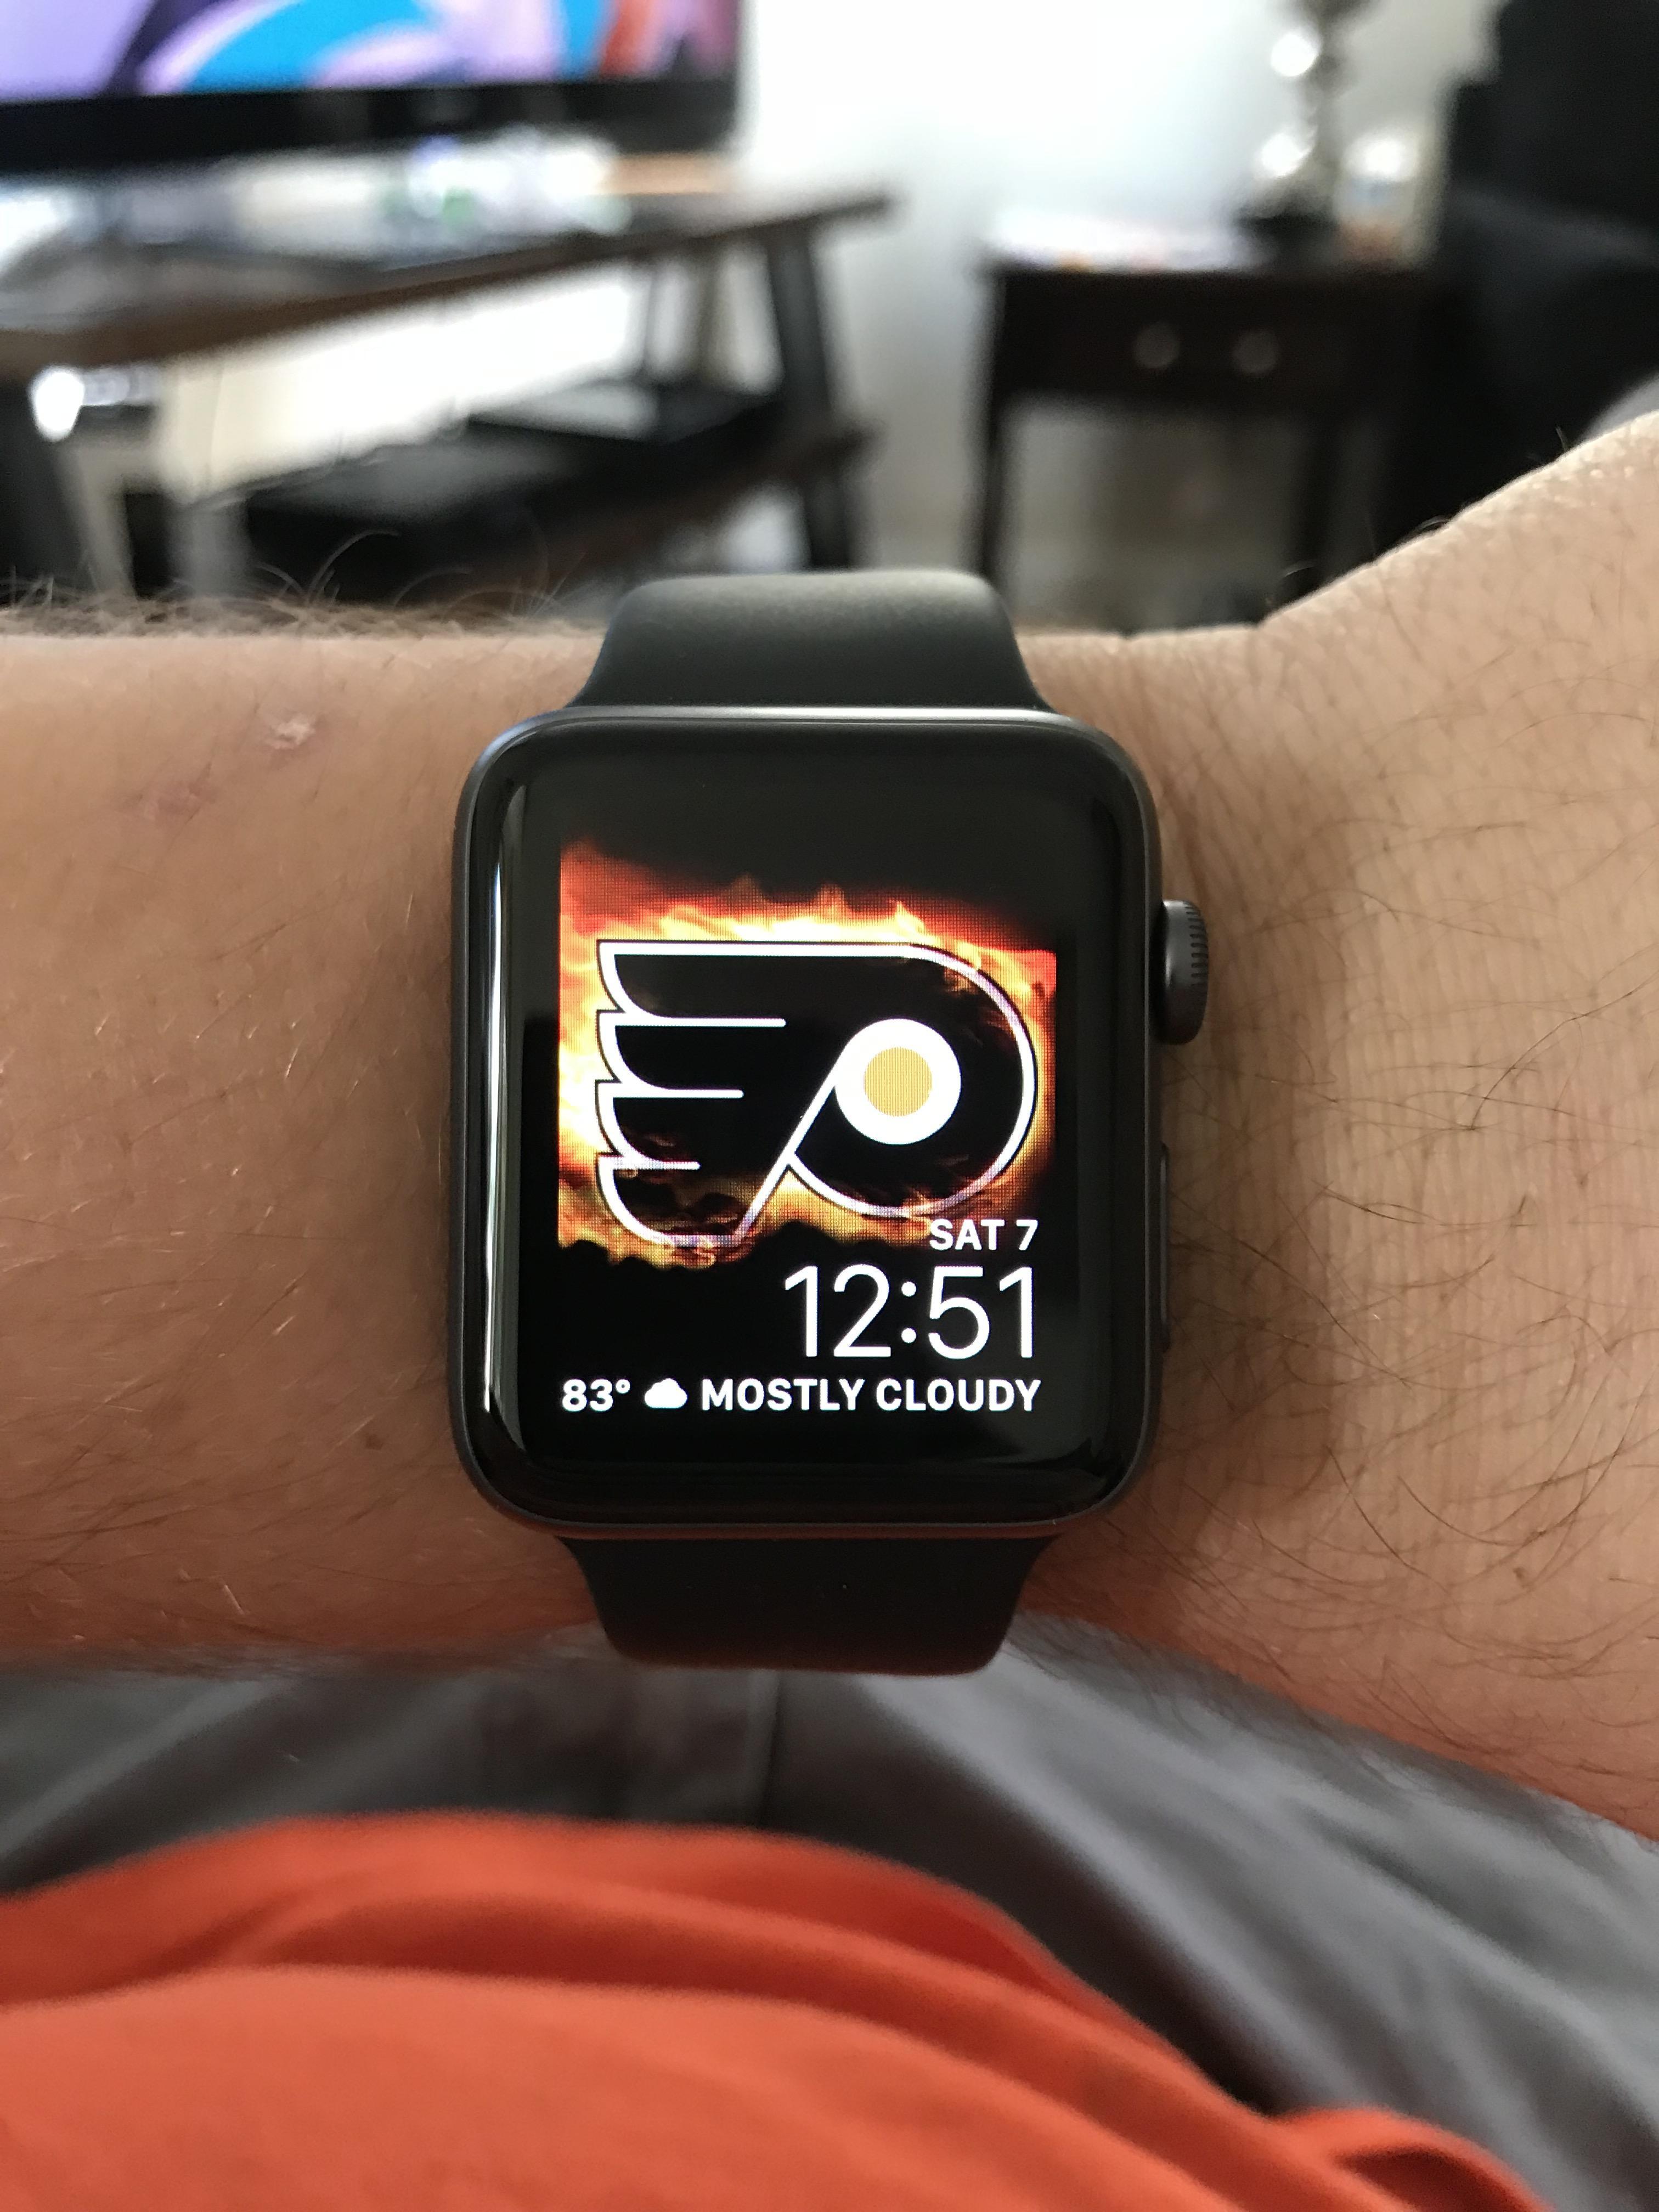 Custom Apple Watch Face - Gadget , HD Wallpaper & Backgrounds